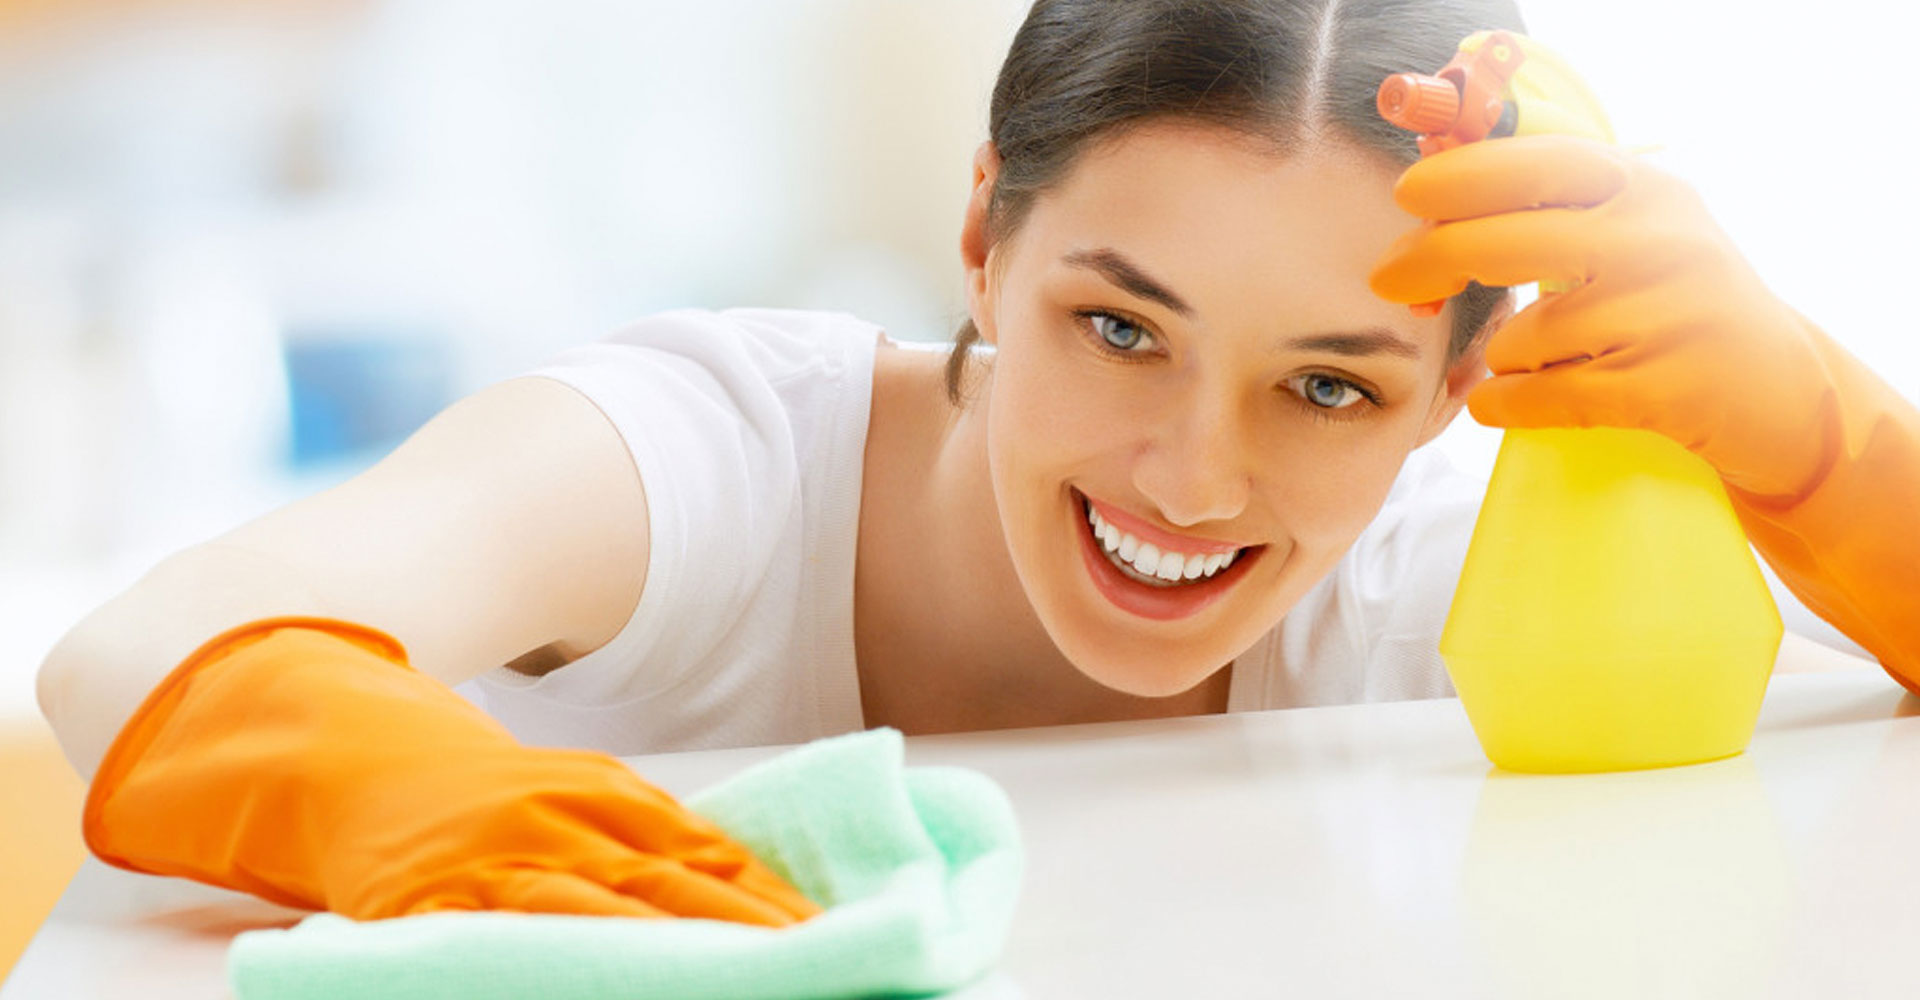 philosophie-nettoyage-ts-clean-titre-service